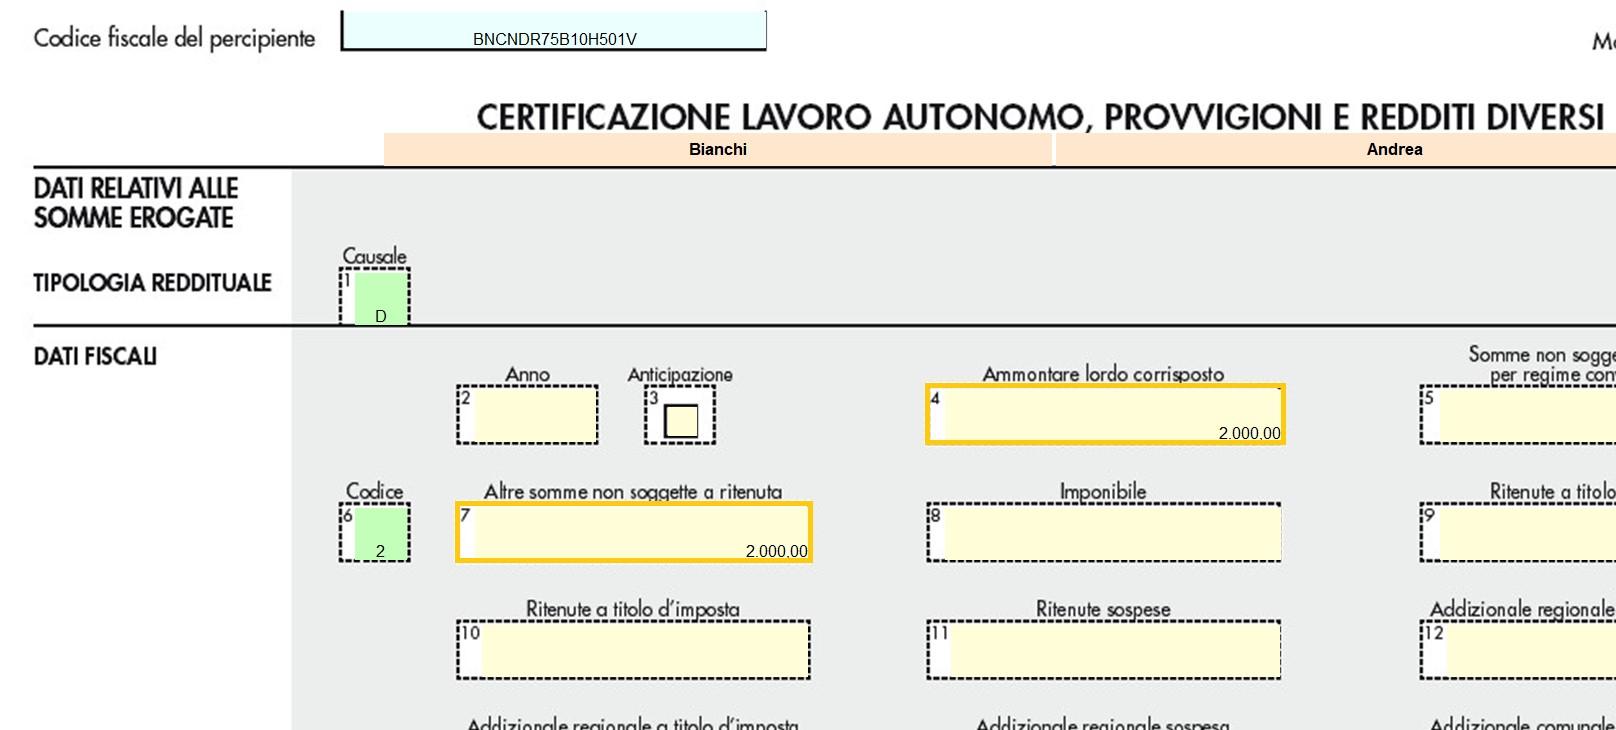 Certificazione Unica 2019: nuova ordinaria, annullamento o sostituzione - 5